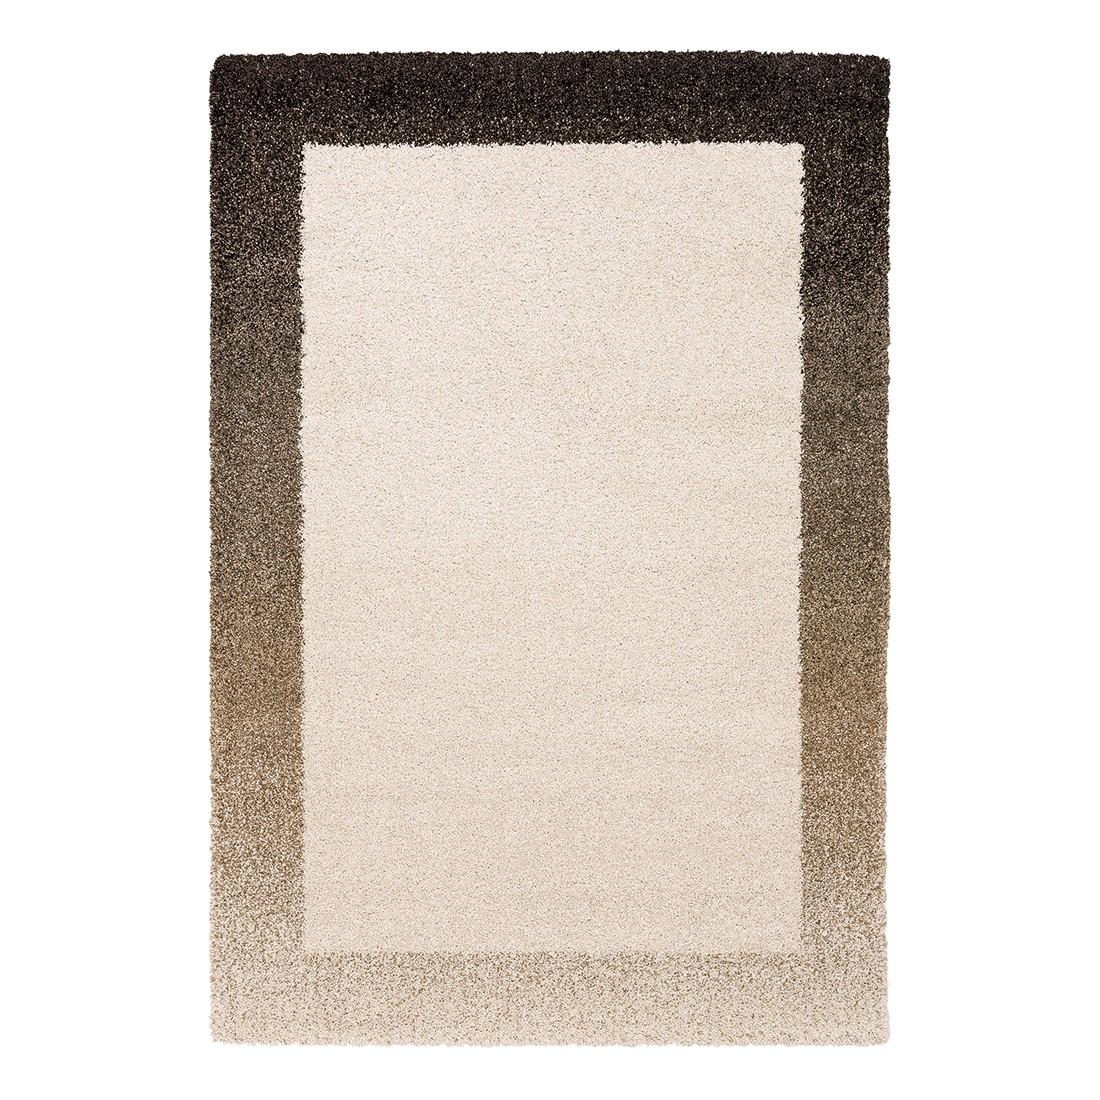 Hochflor-Teppich Maestro – Bordüre Creme – 133 x 190 cm, Schöner Wohnen Kollektion jetzt bestellen